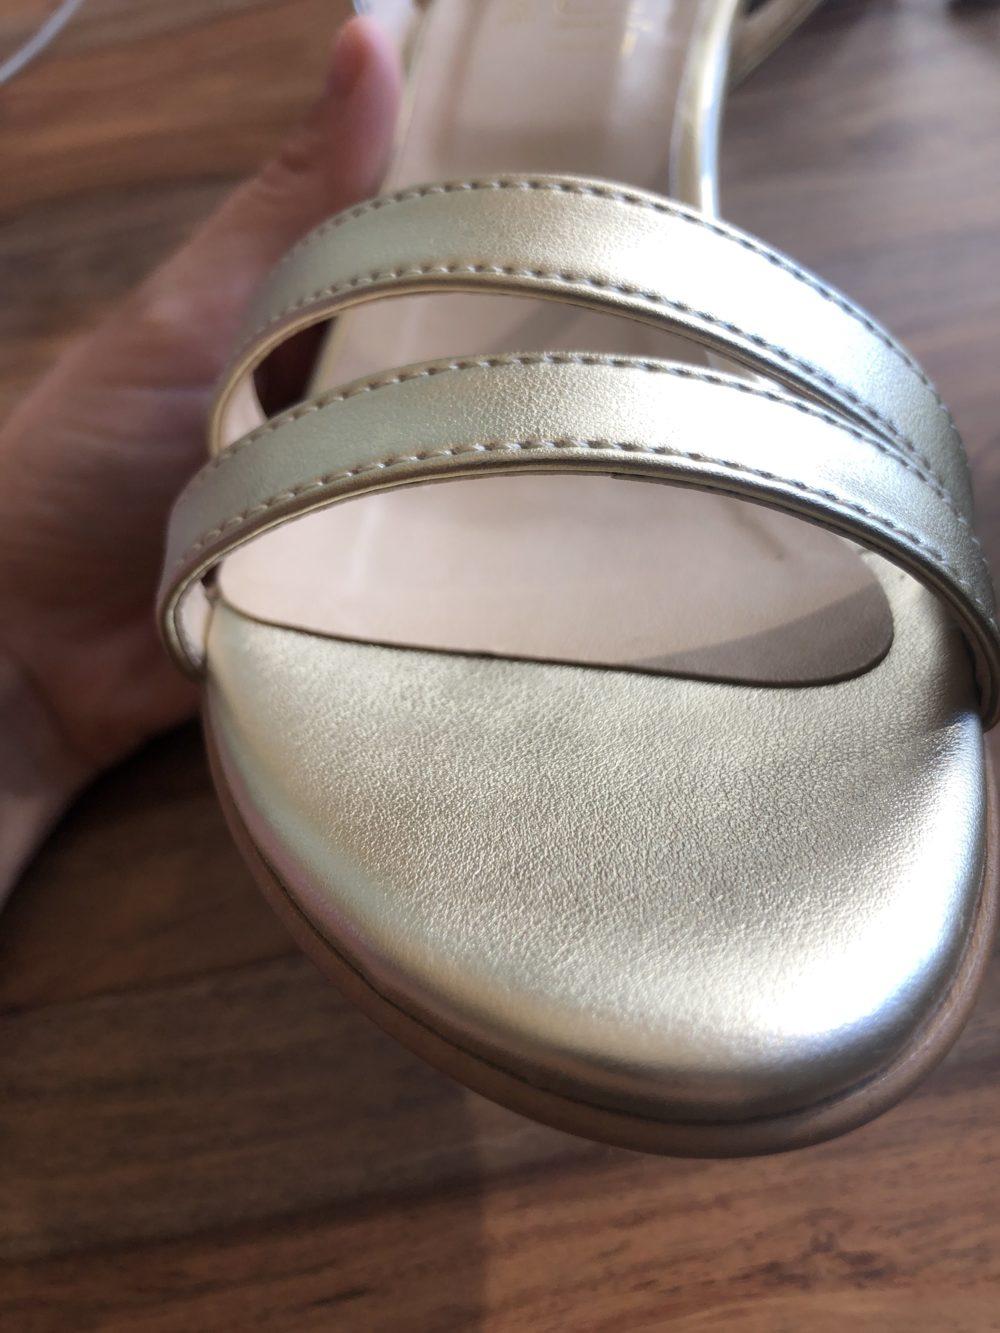 Sandales à talon dorées or vegan écologiques d'occasion Bonifacio l'Aurore par Minuit sur Terre